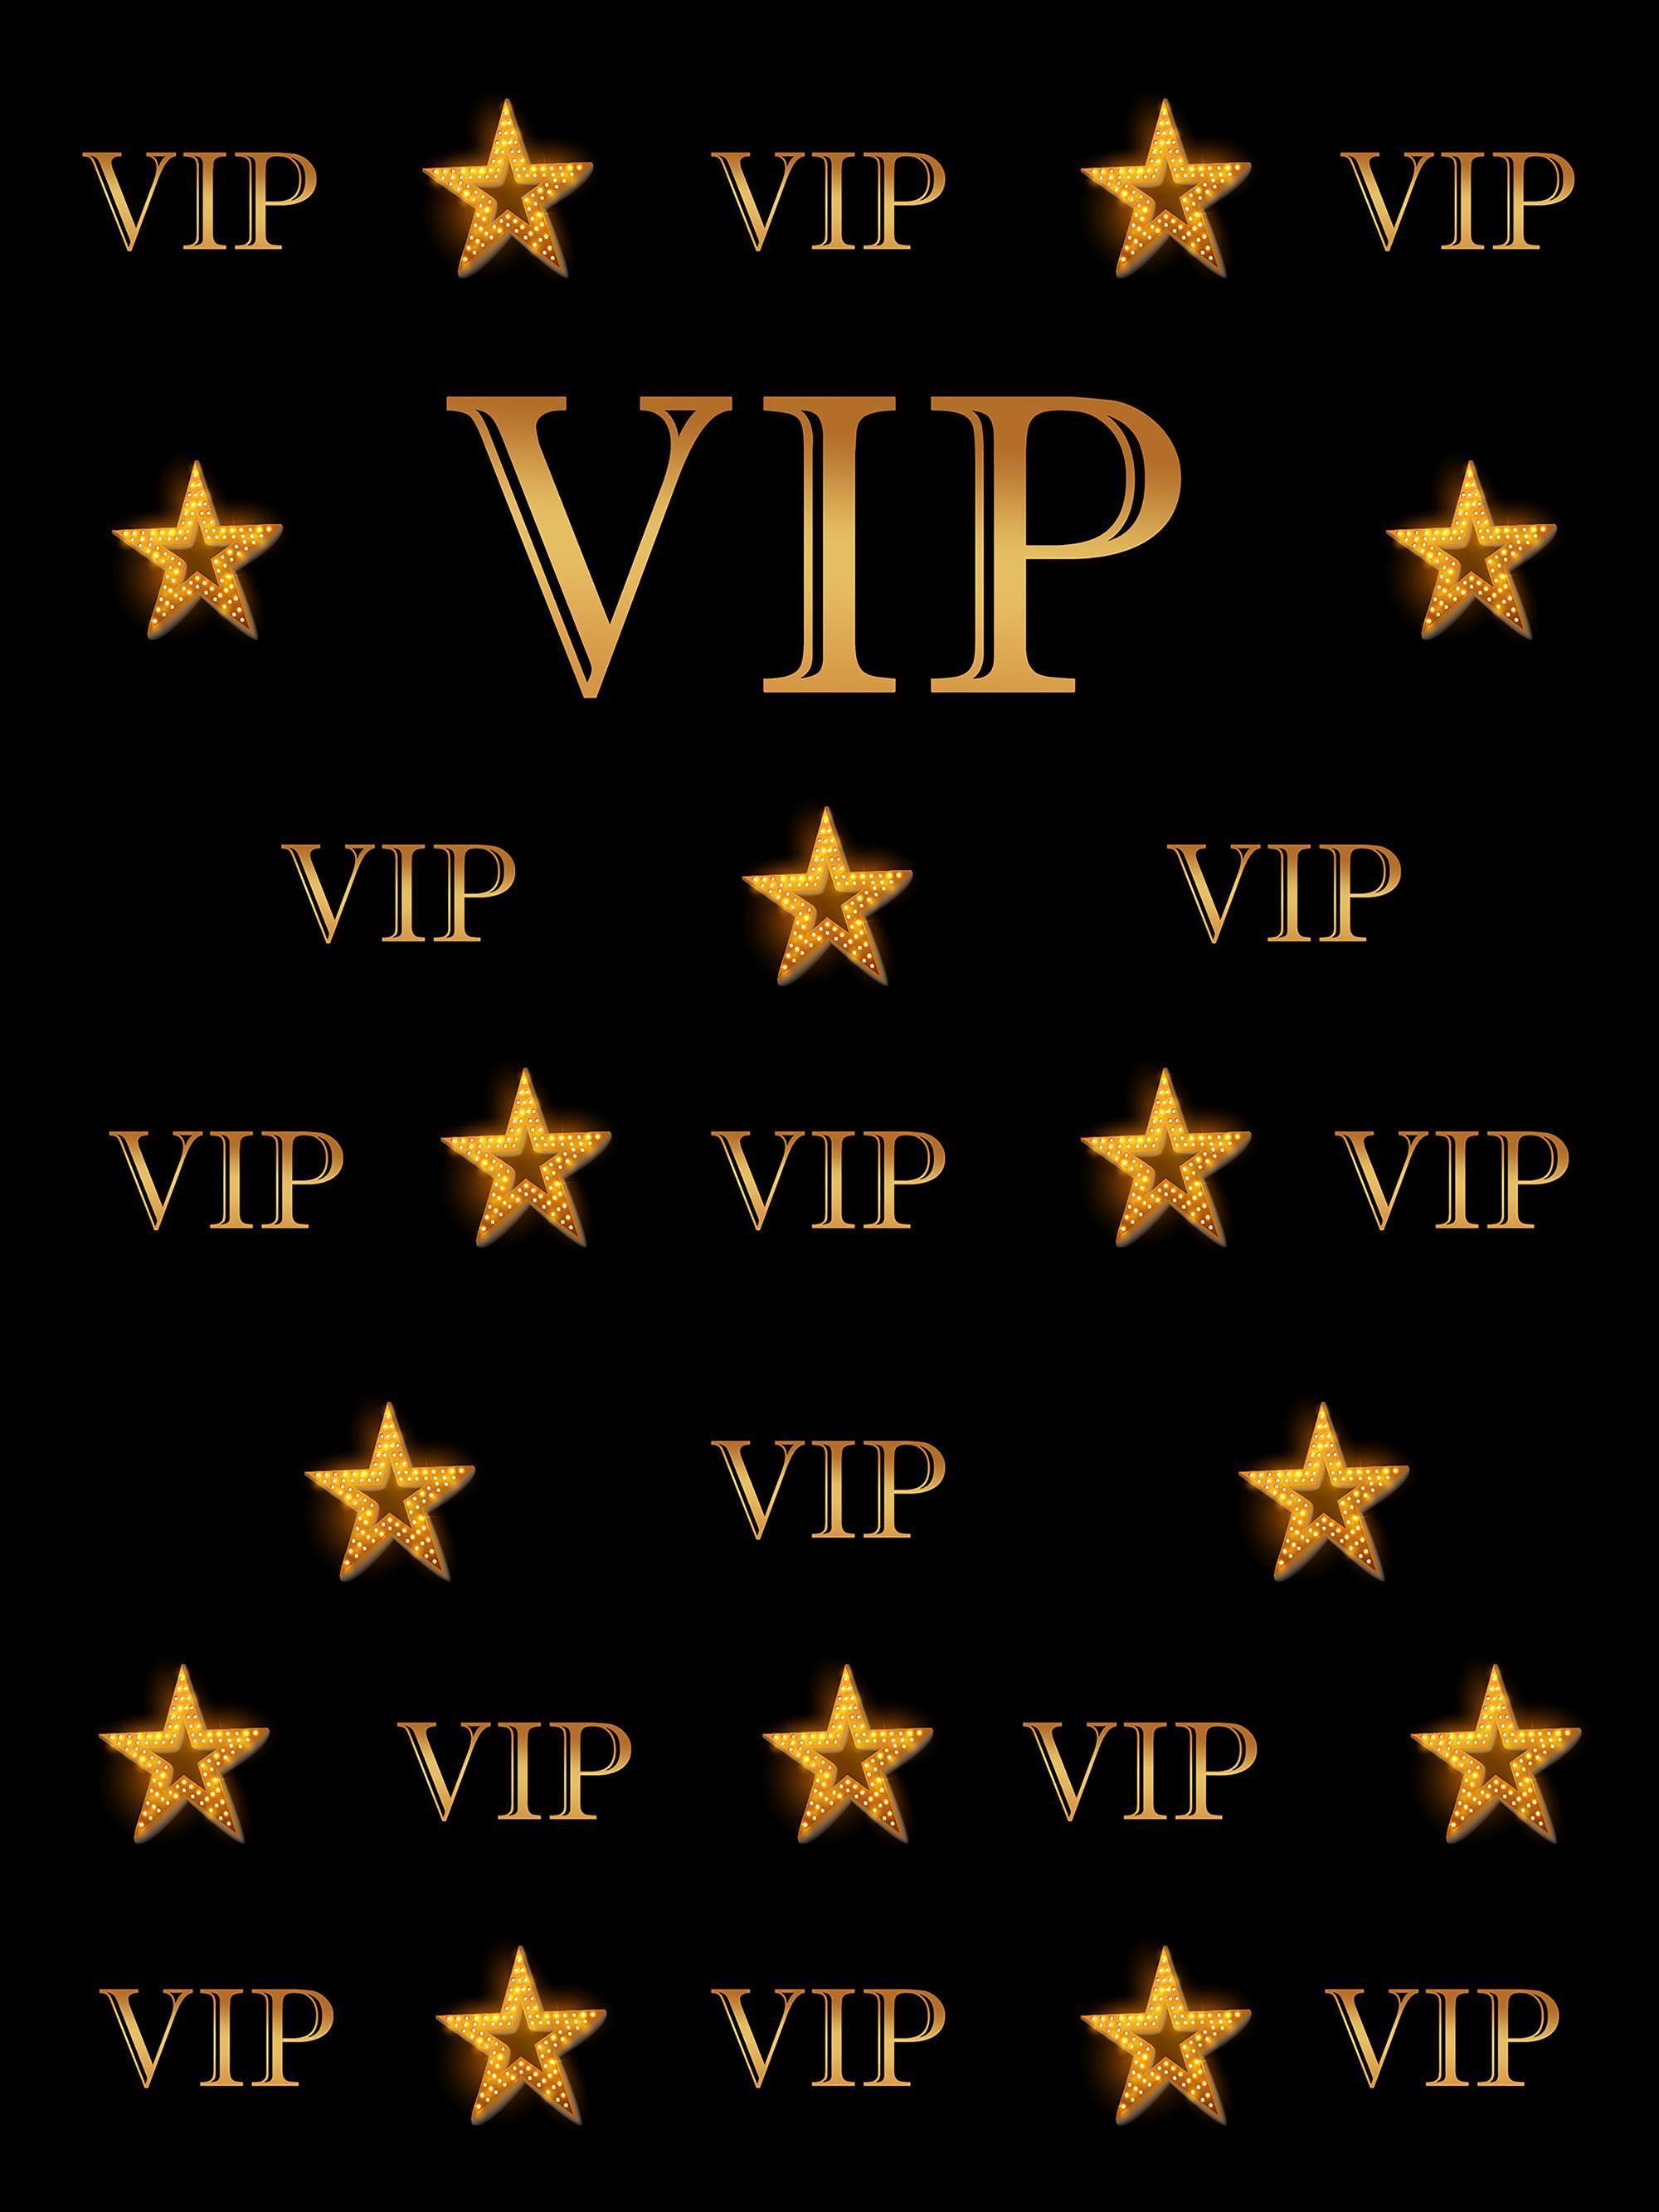 Золотой Vip голливудские звезды баннер виниловые фотографии фоны шаг и повторение фото стенд фоны для Дня Рождения студийный реквизит